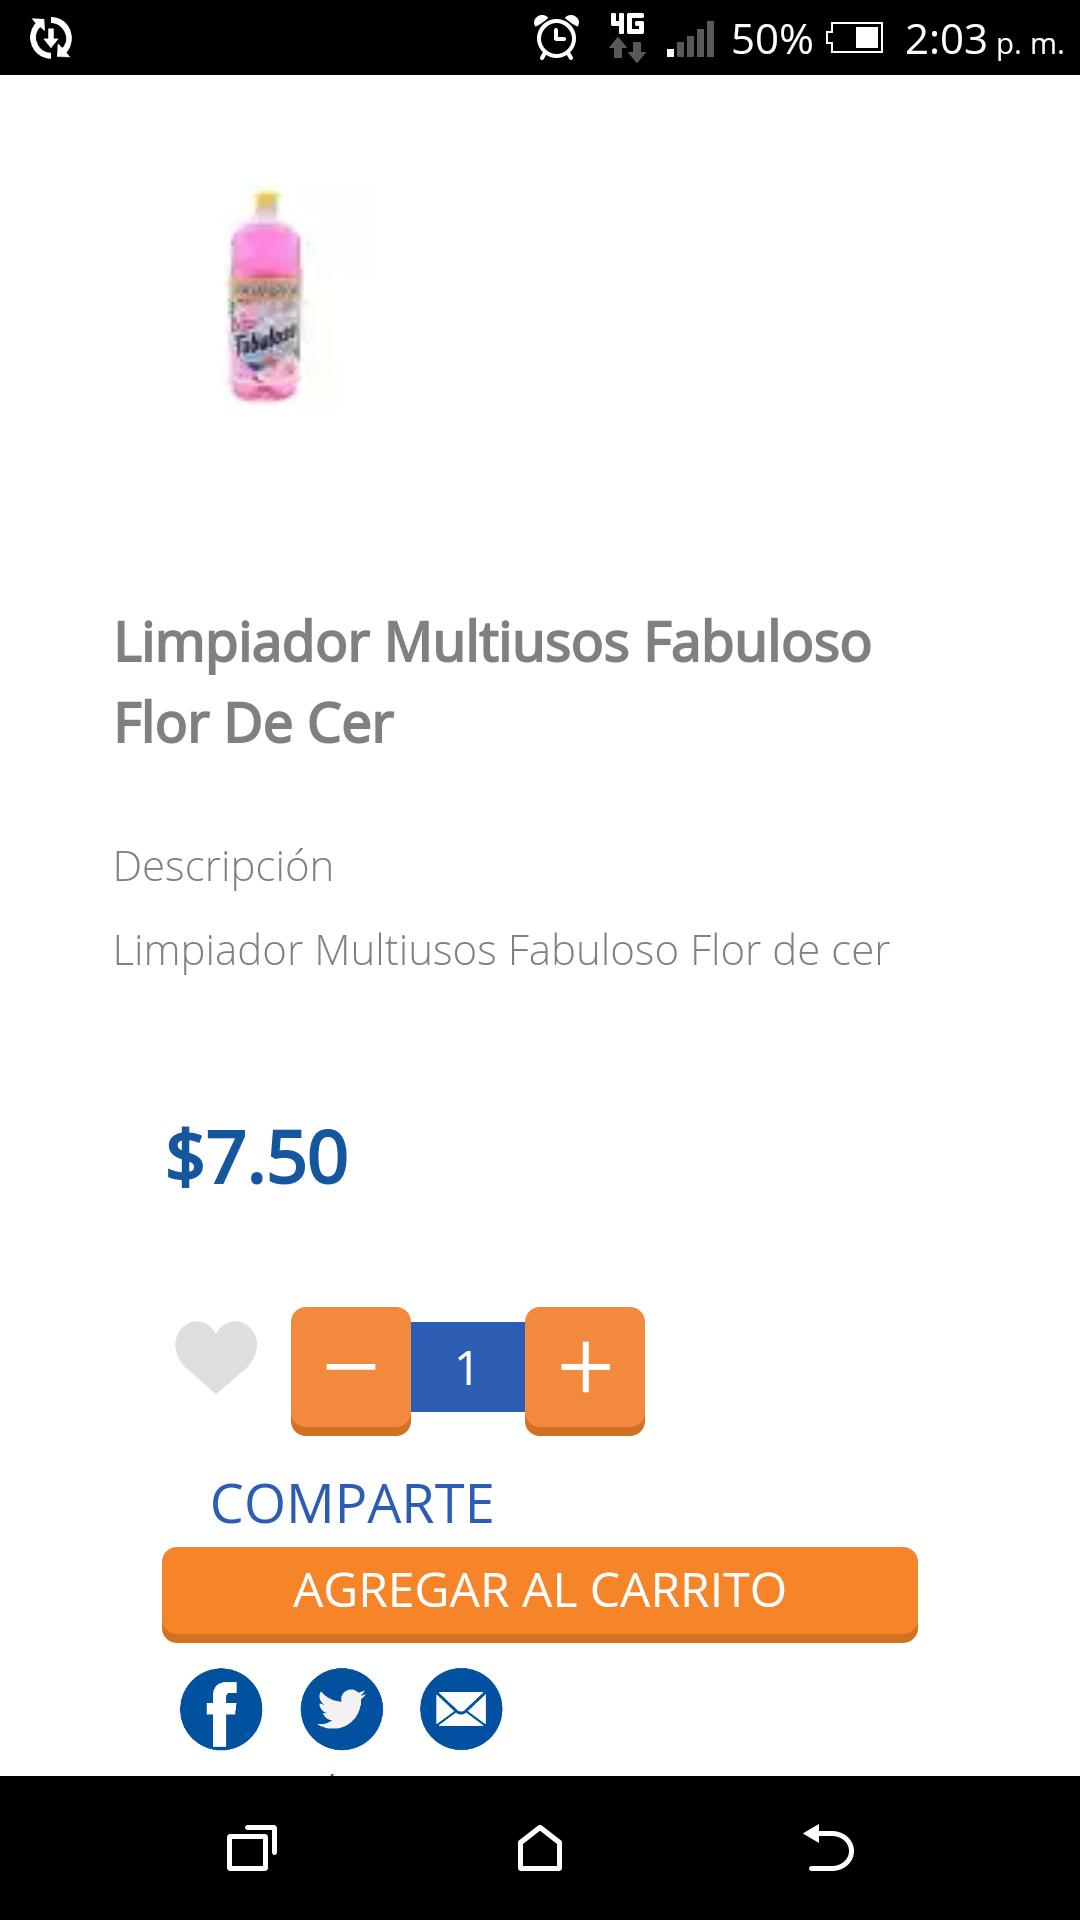 Chedraui Cuernavaca: Limpiador Multiusos Fabuloso 1.2 lts